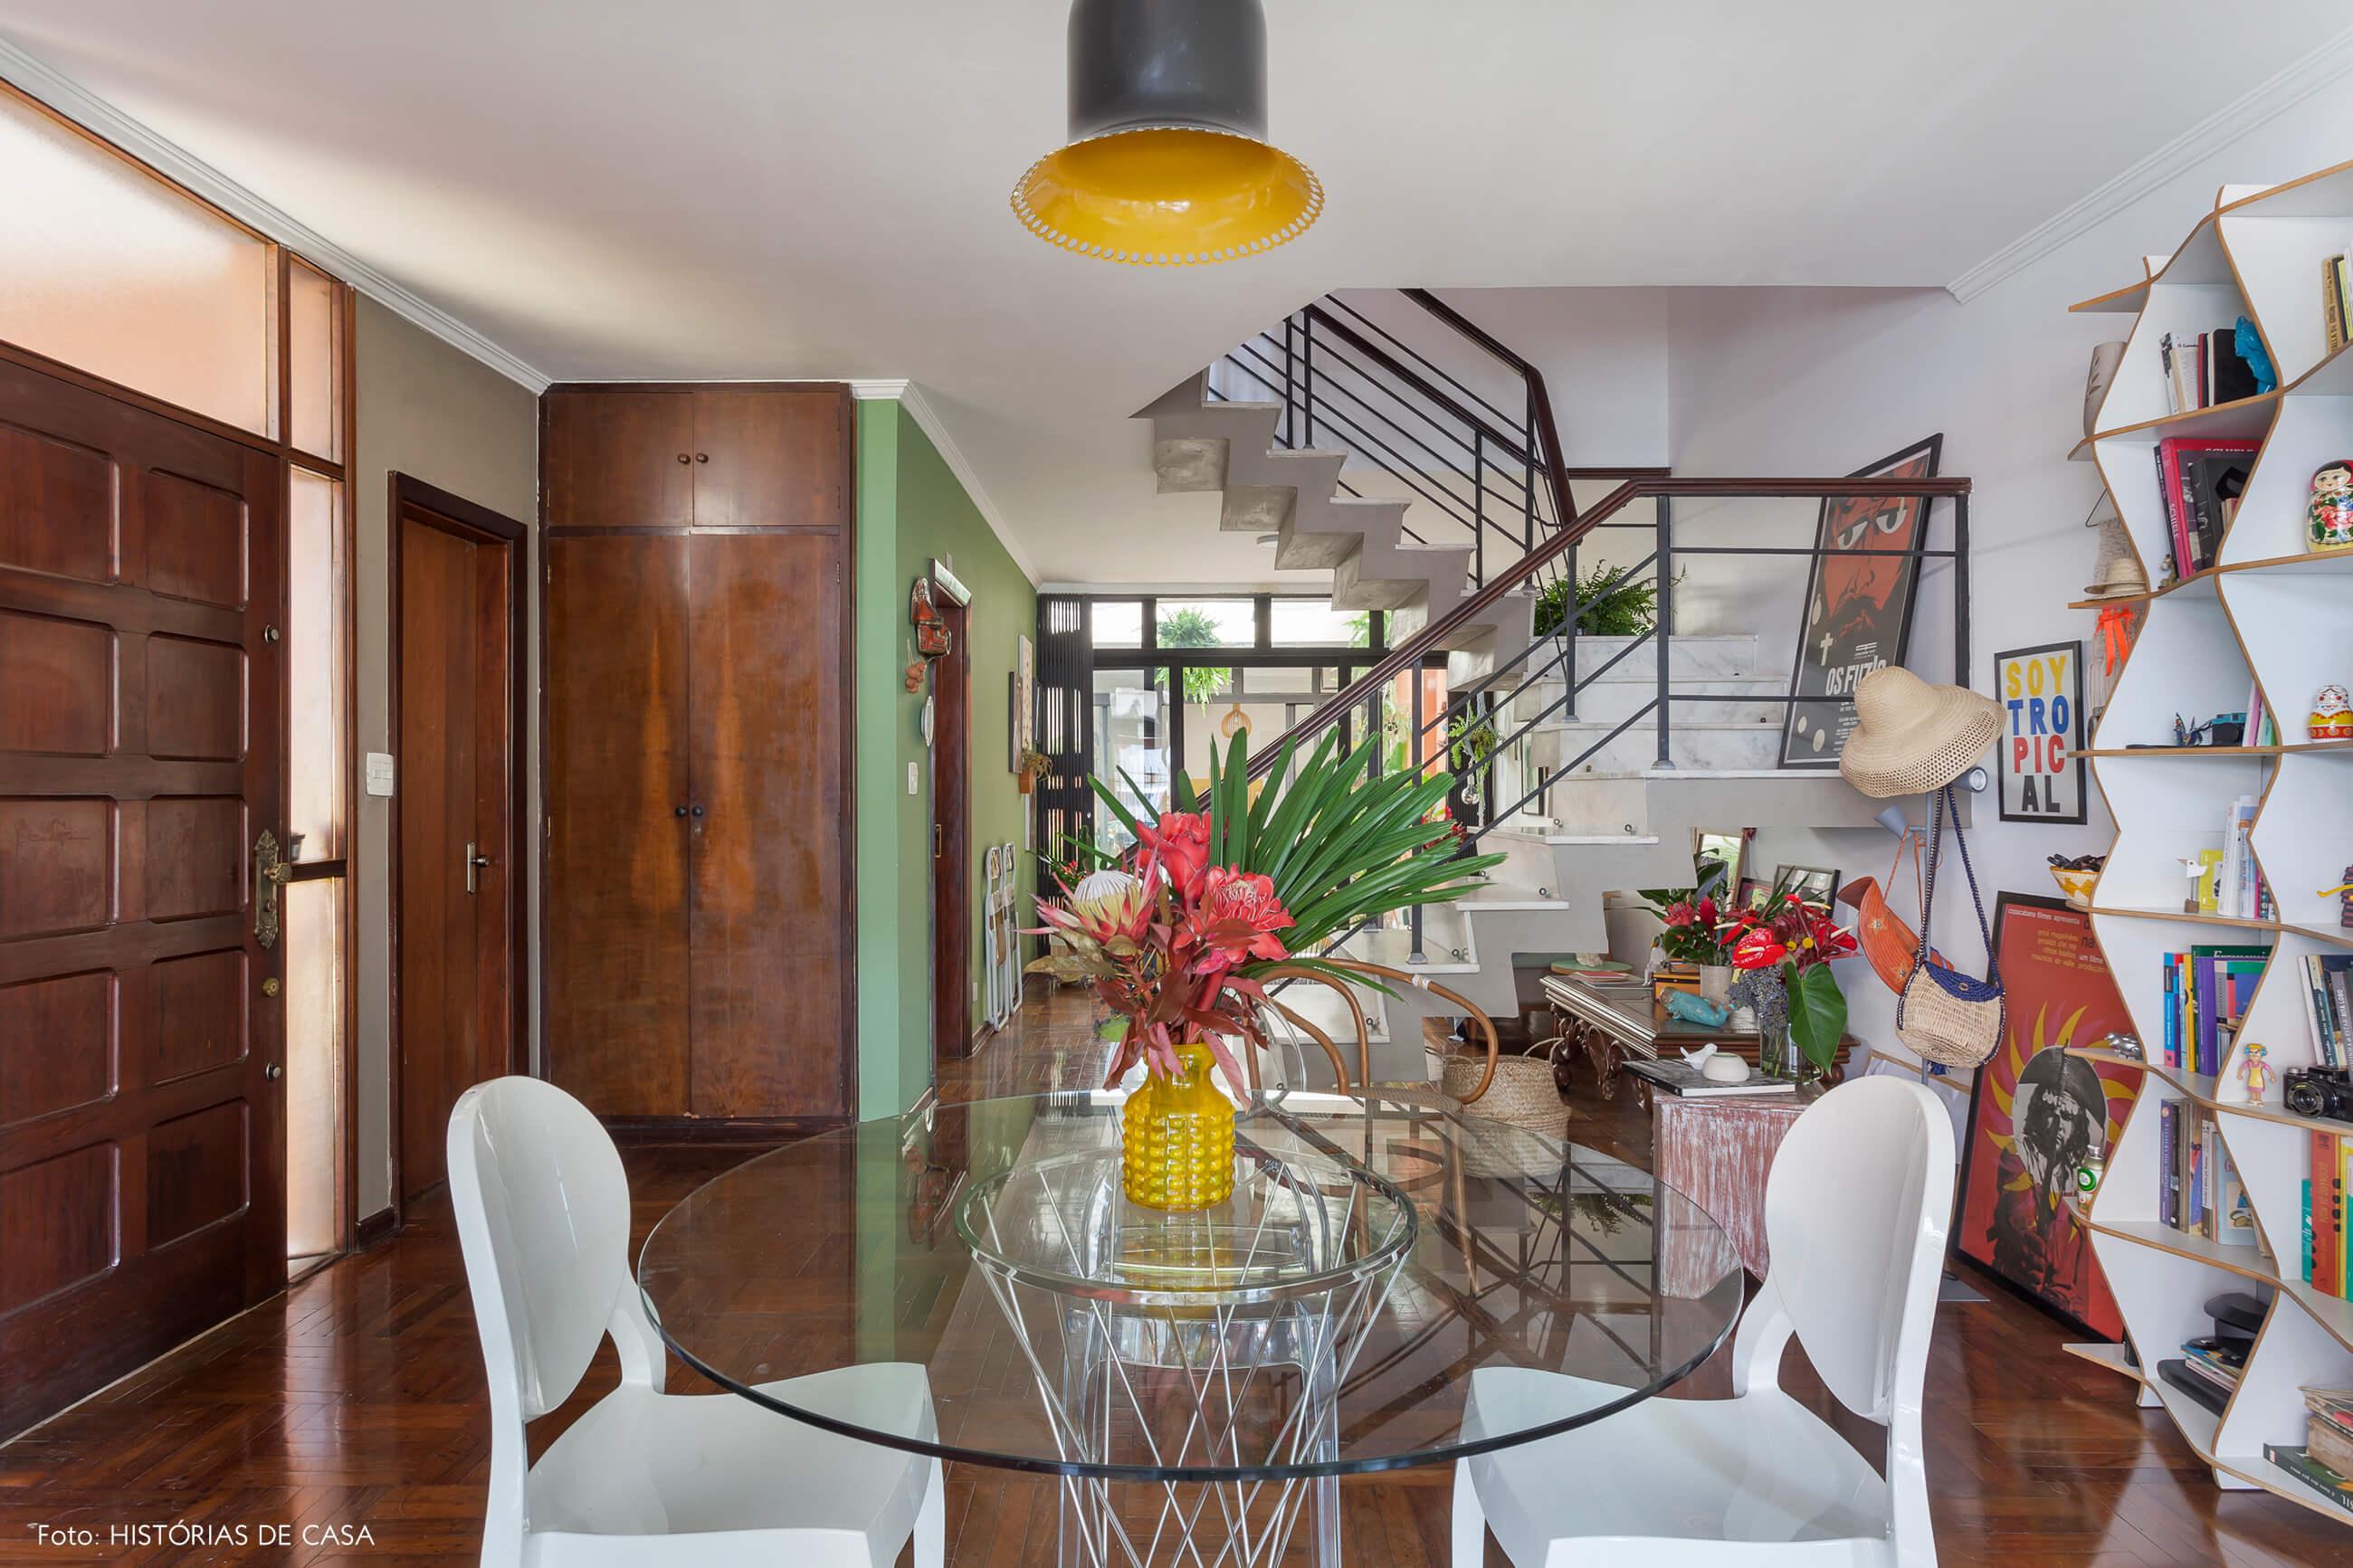 Sala integrada com mesa redonda de vidro